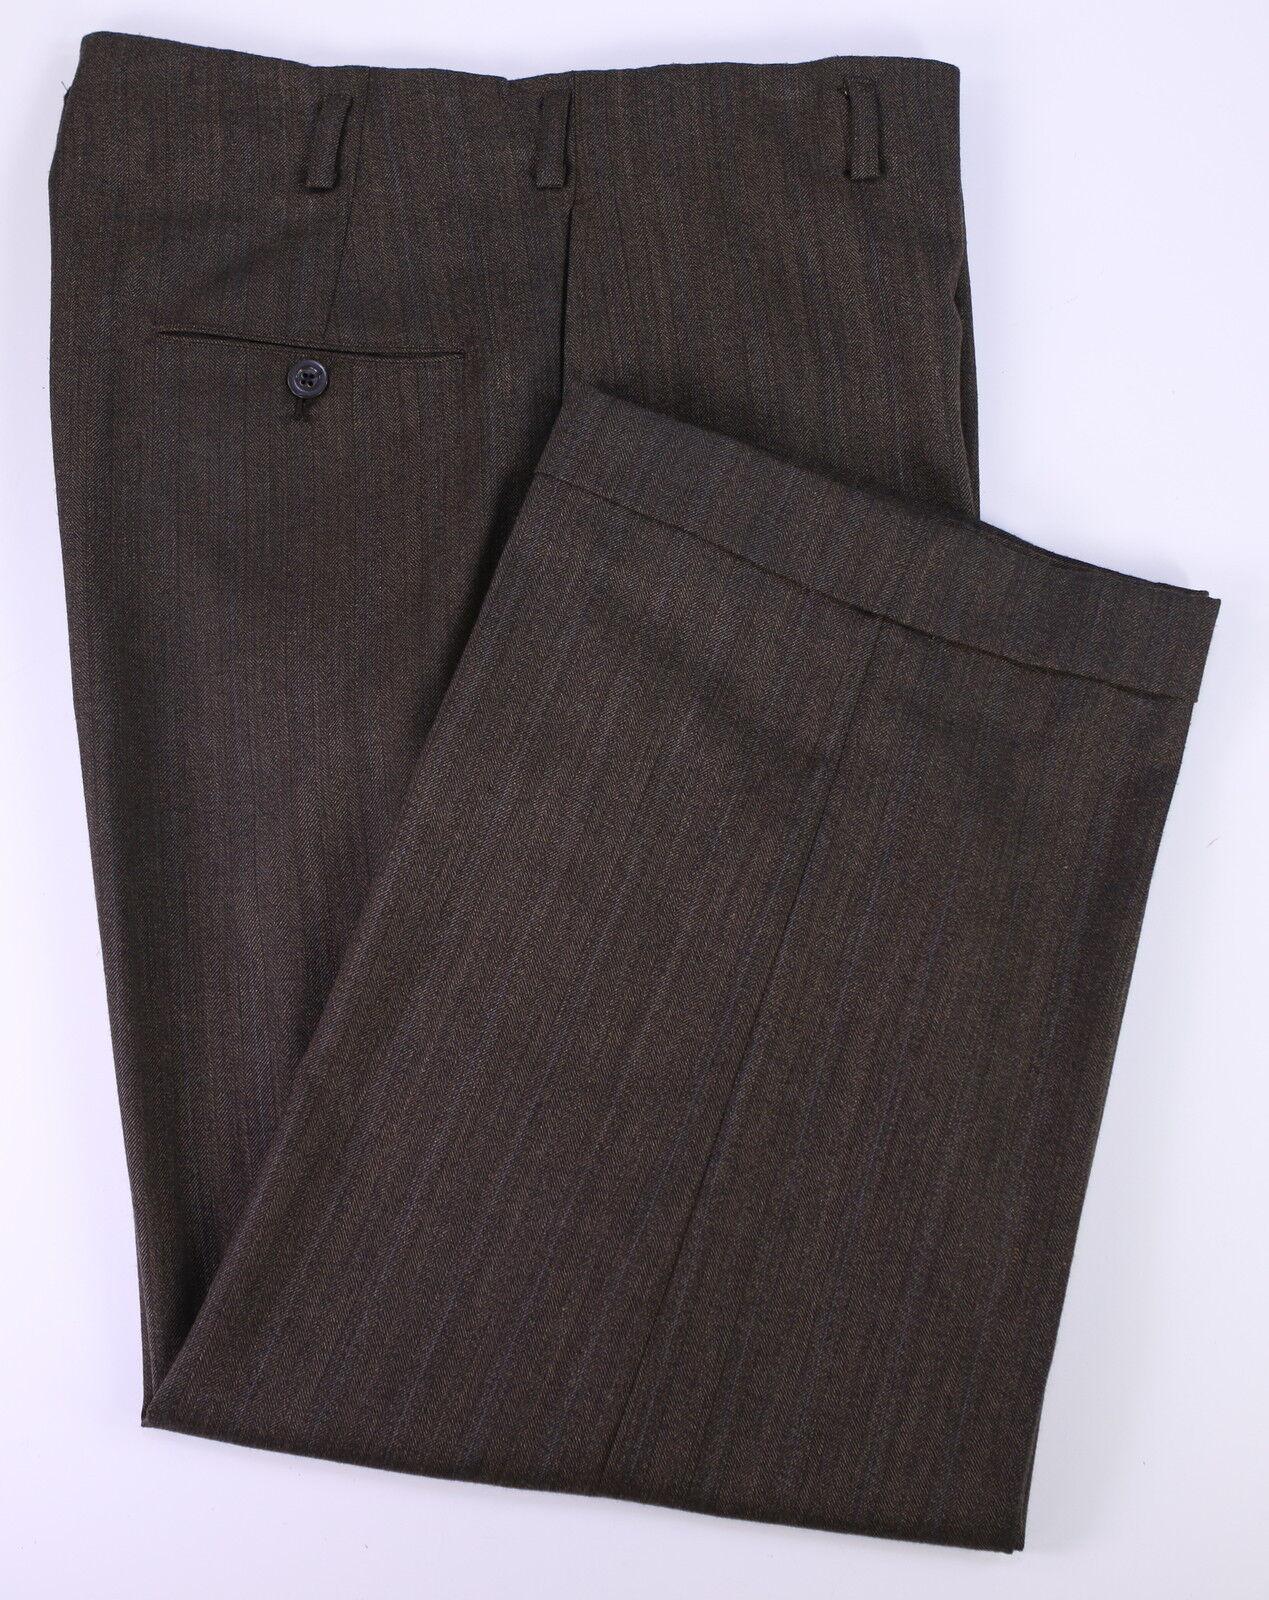 Maßanfertigung Ben Stiller für Walter Mitty Promi Kleidung Braun Hose 32 X